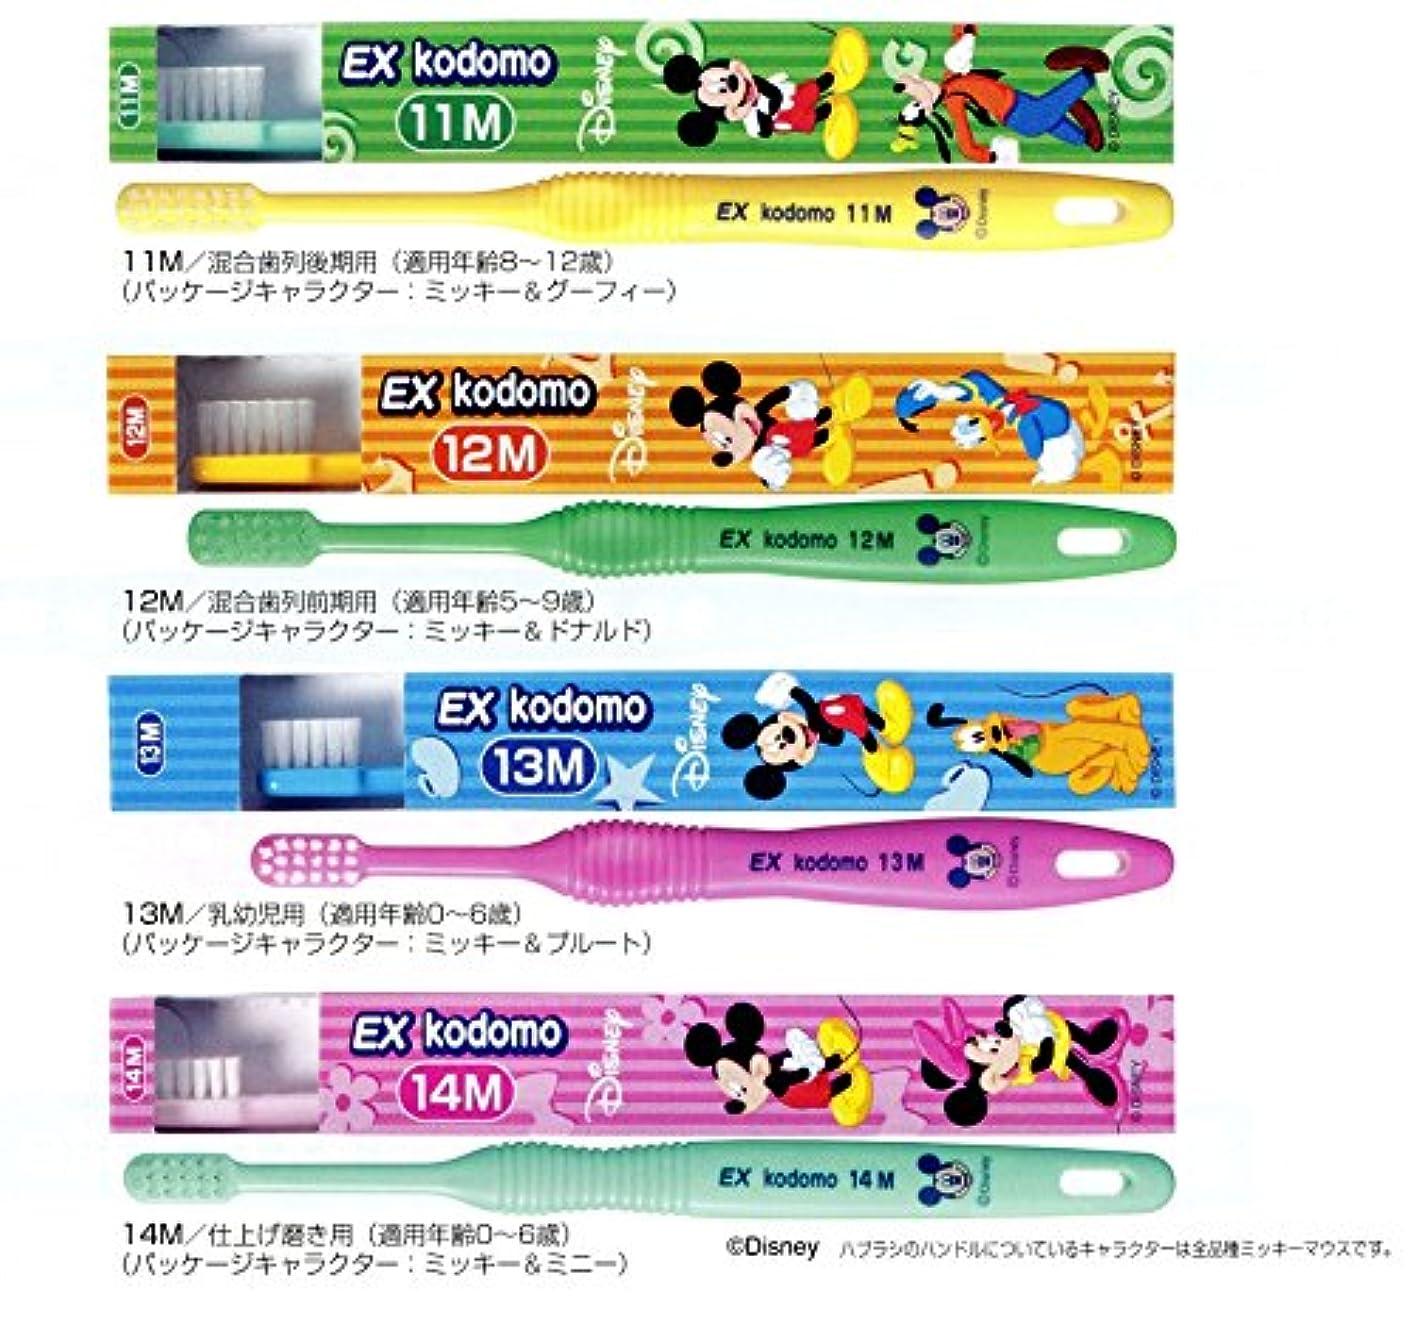 振動させるラメ委任するライオン コドモ ディズニー DENT.EX kodomo Disney 1本 12M グリーン (5?9歳)